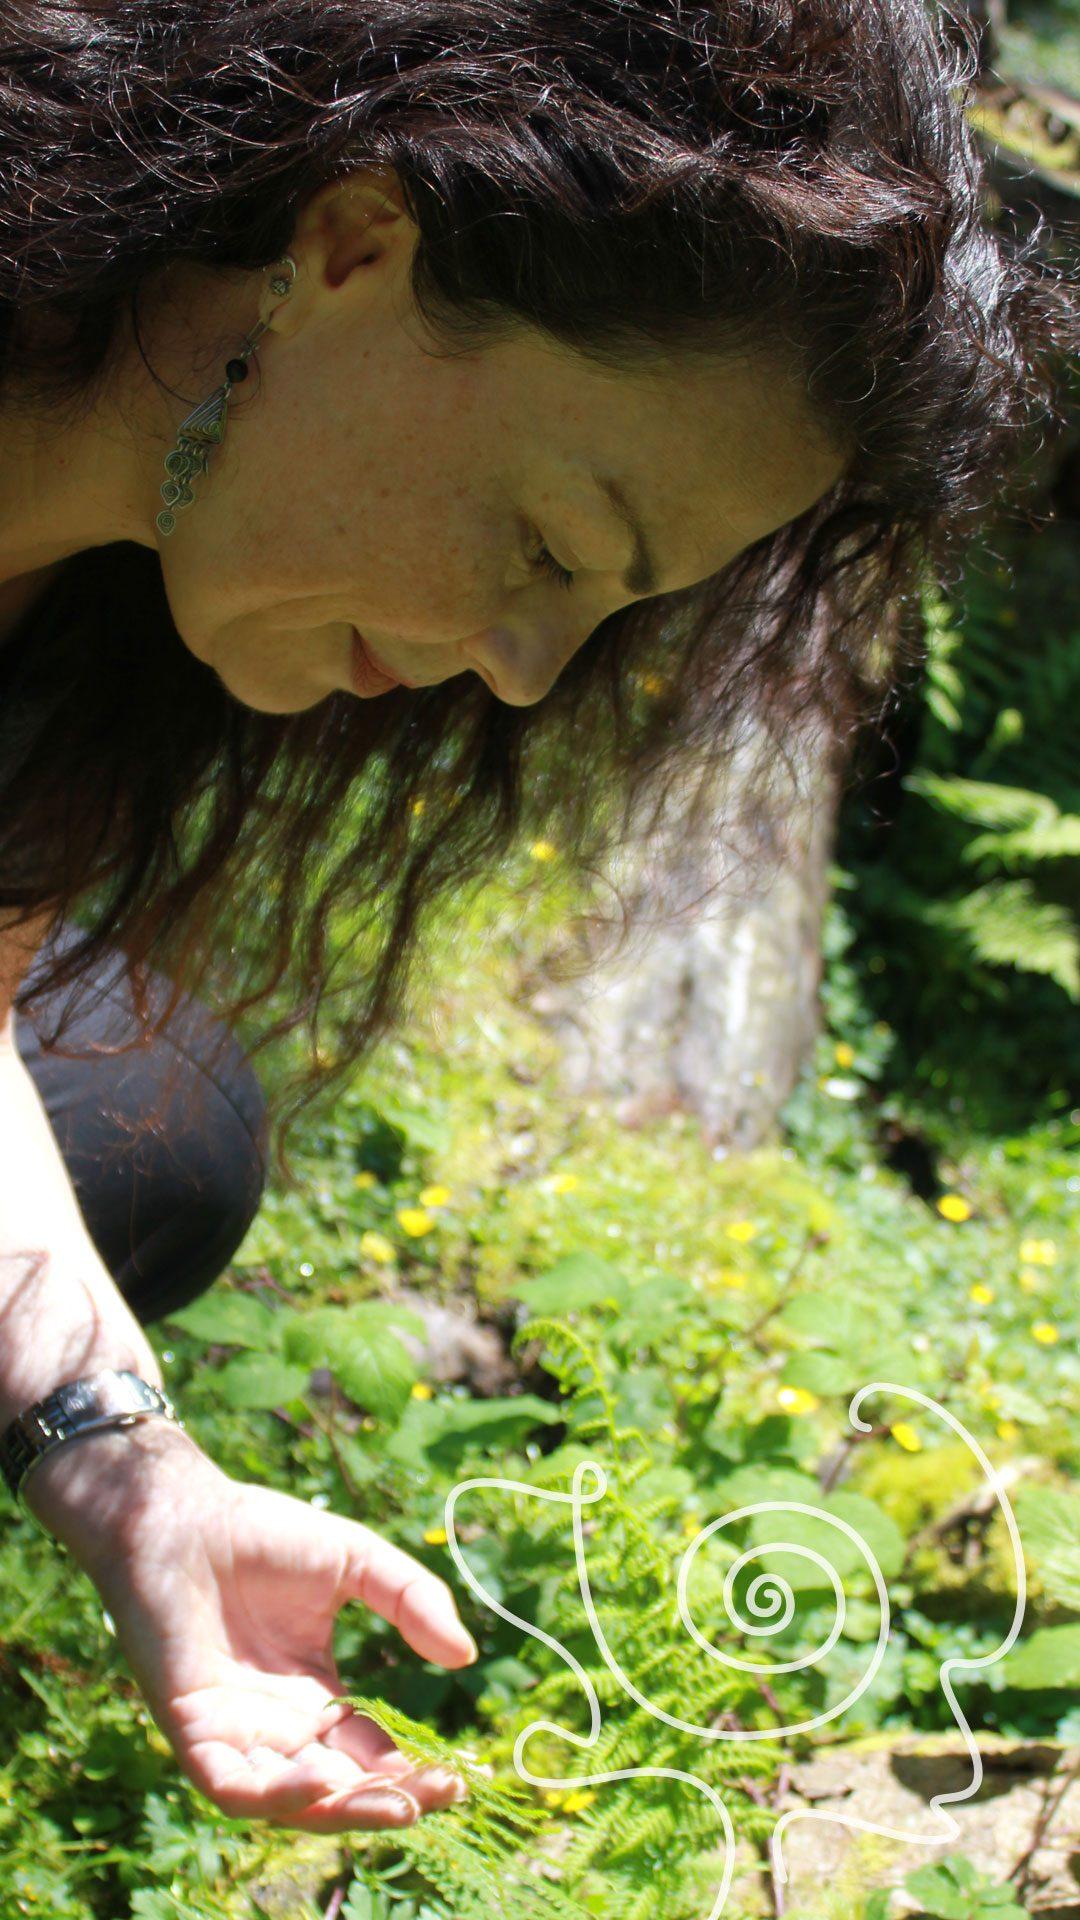 Gerda Ulrich Porträt im Einklang mit der Natur